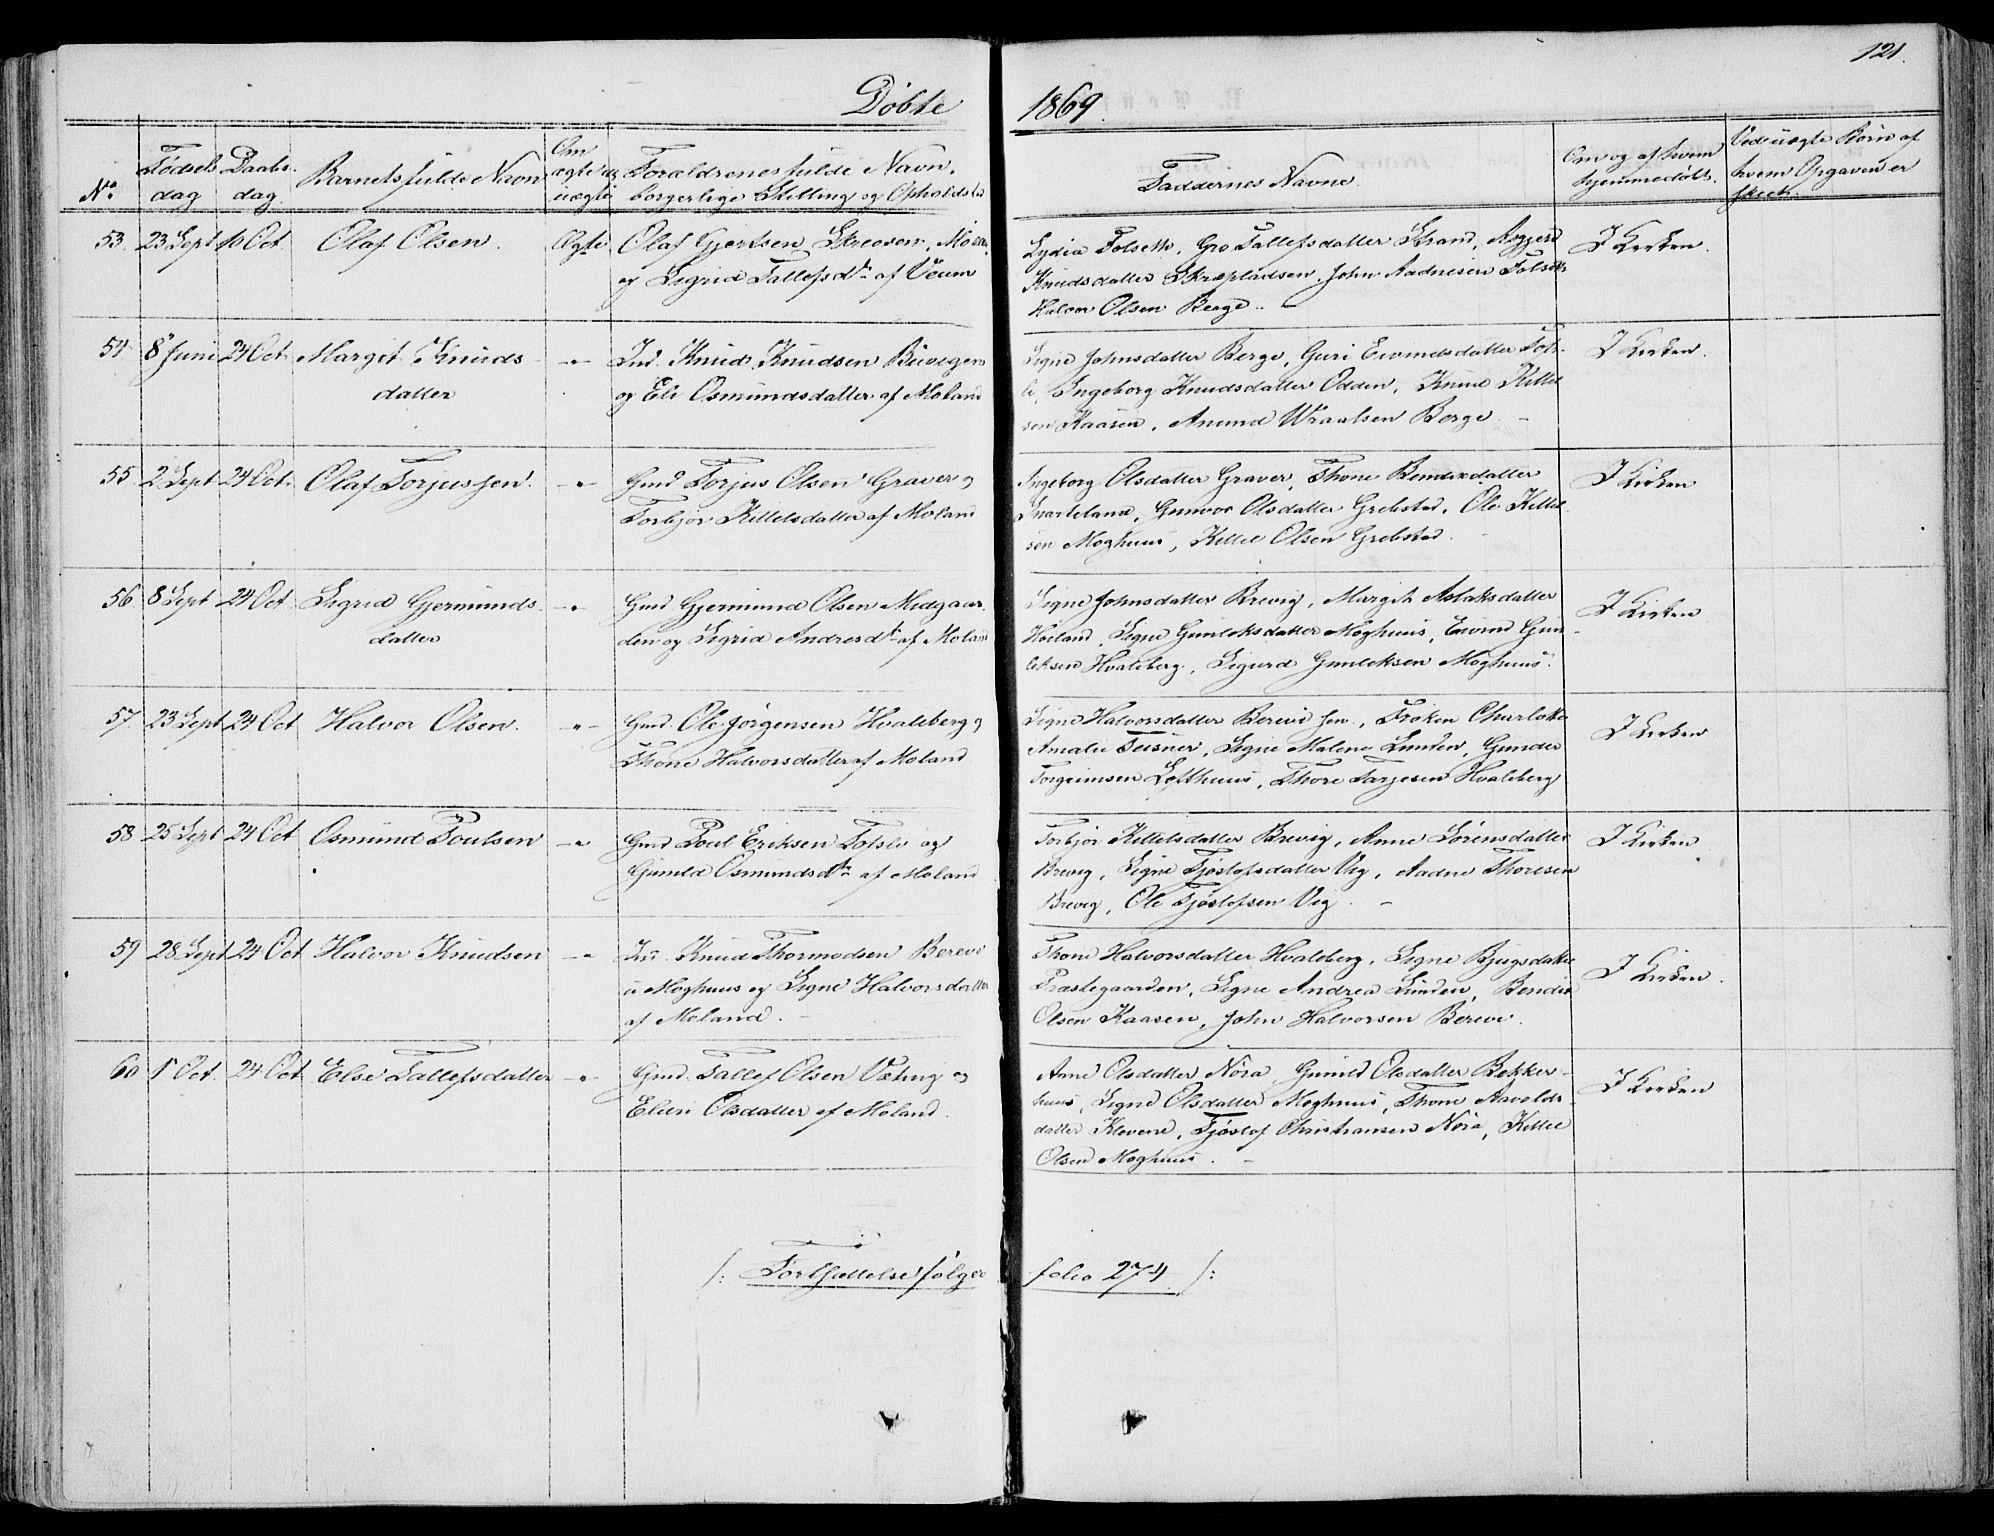 SAKO, Fyresdal kirkebøker, F/Fa/L0005: Ministerialbok nr. I 5, 1855-1871, s. 121